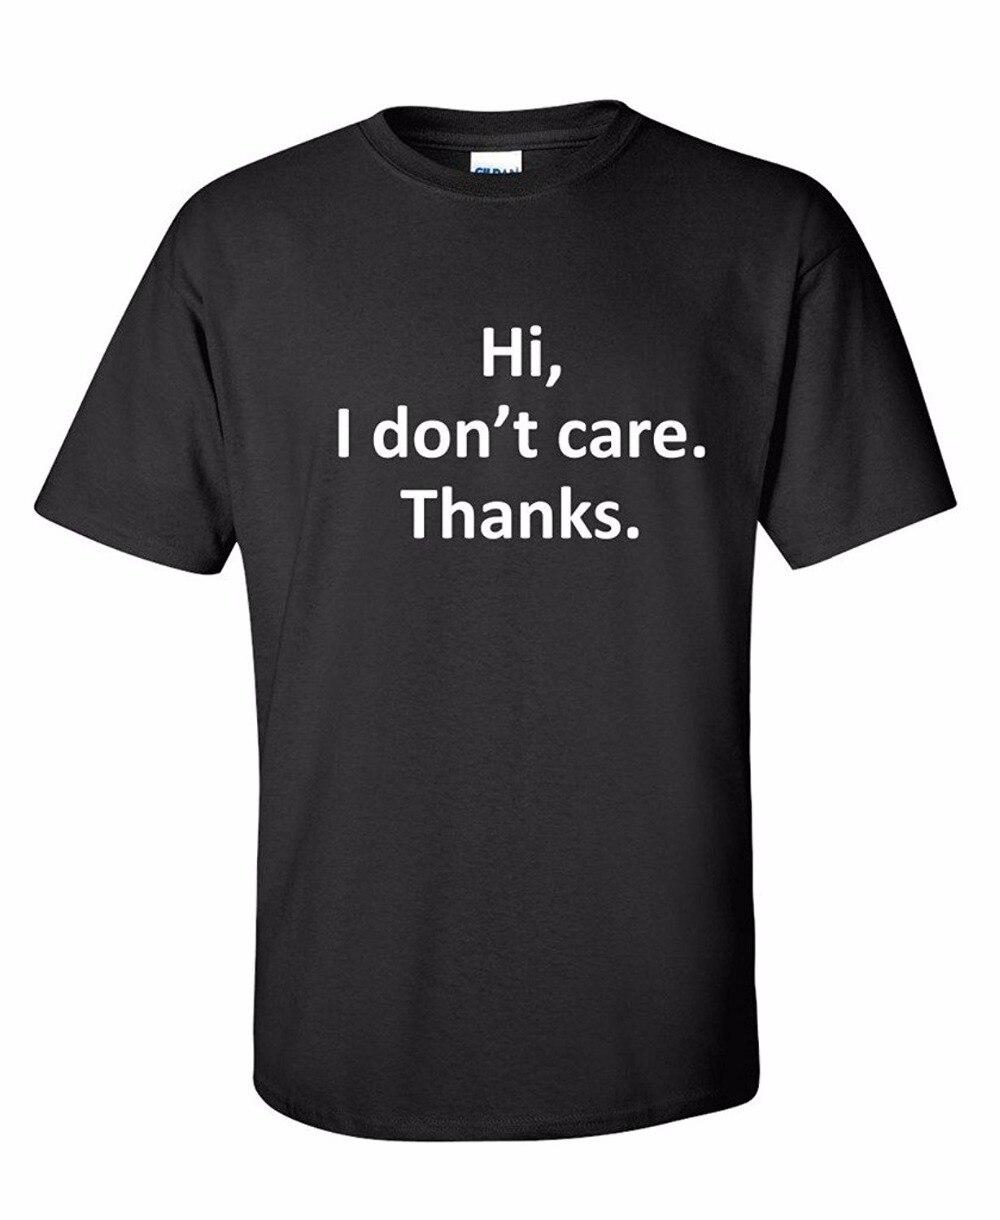 Привет, я не заботятся. Спасибо. Мужская мода сарказм Прохладный подарок утверждал очень смешно с принтом короткий рукав футболки